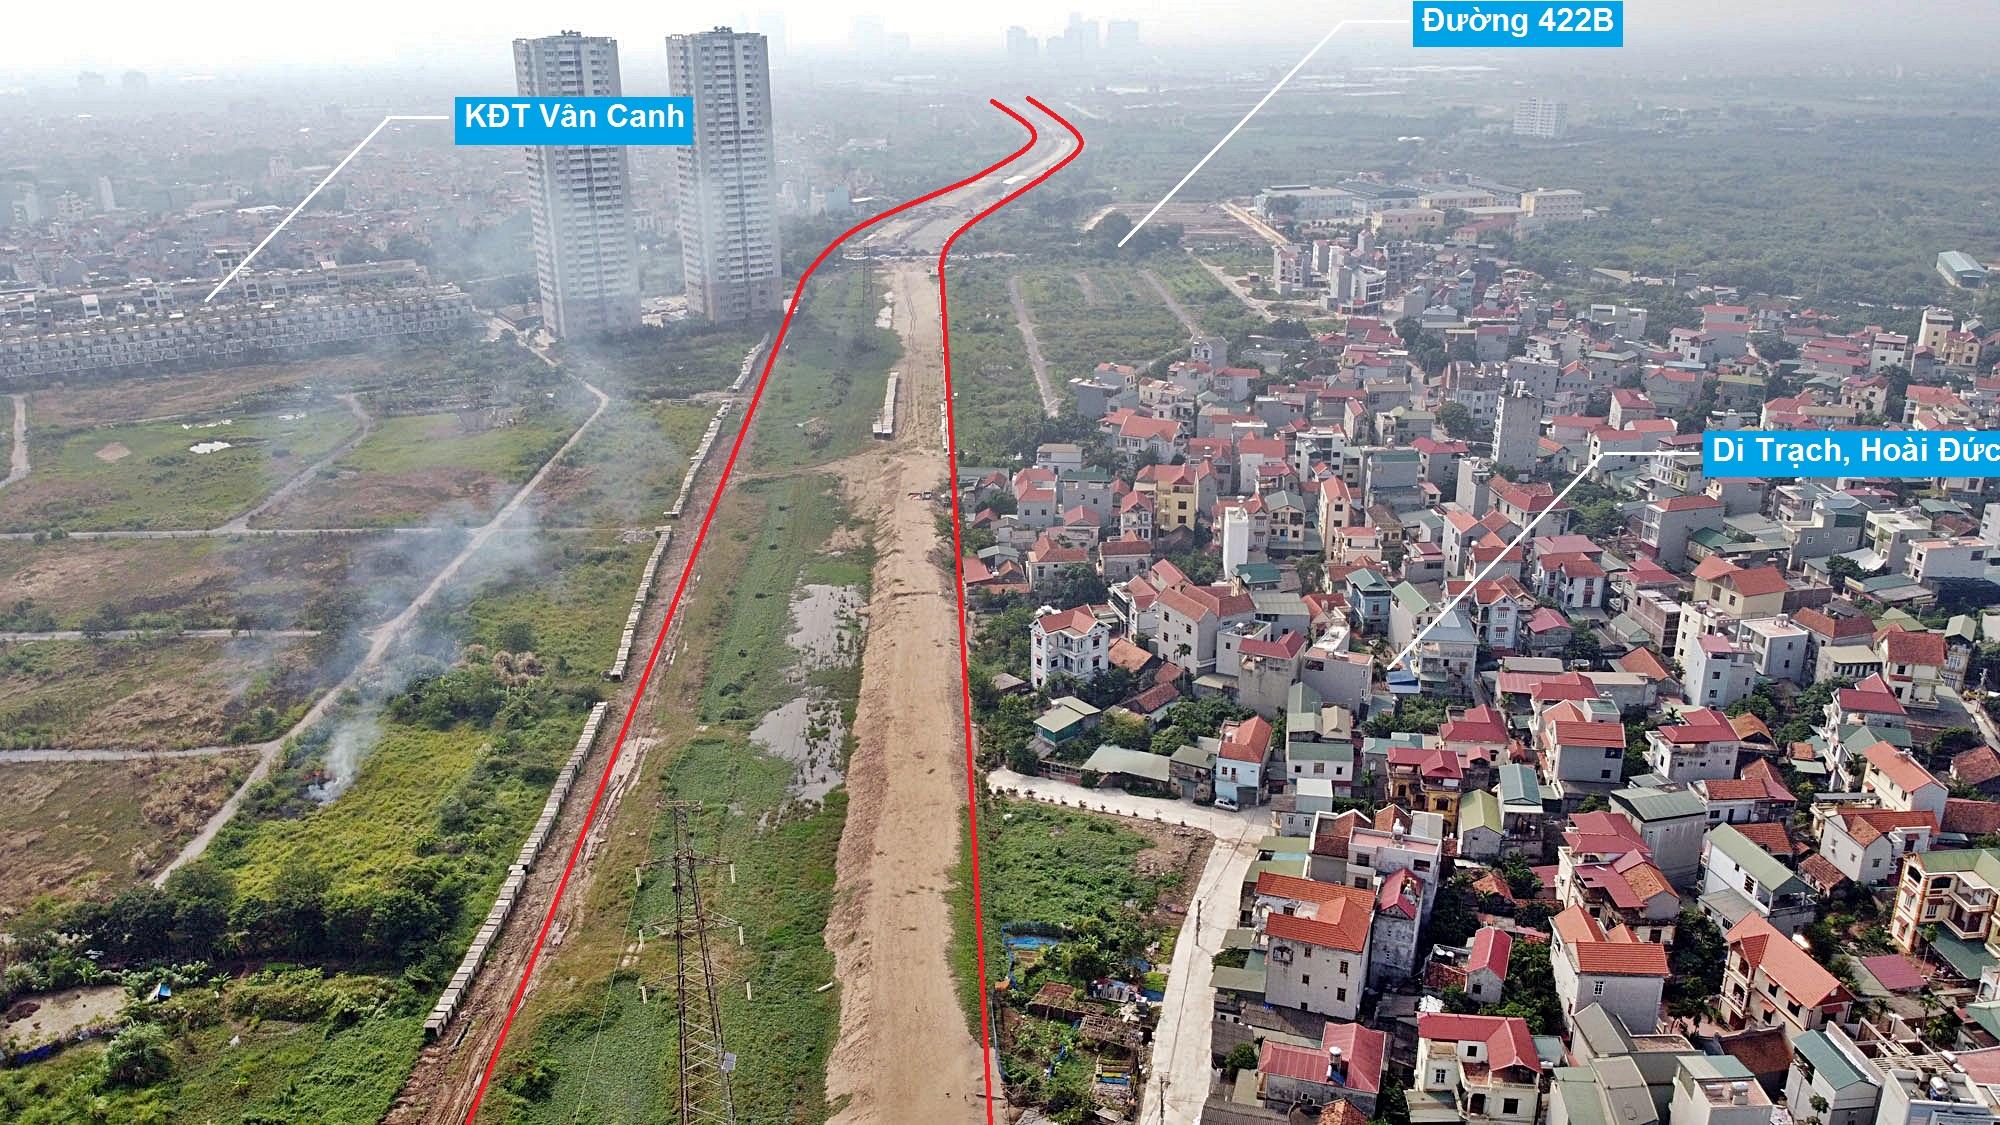 Toàn cảnh đường Vành đai 3,5 đang thi công qua huyện Hoài Đức, Hà Nội - Ảnh 10.